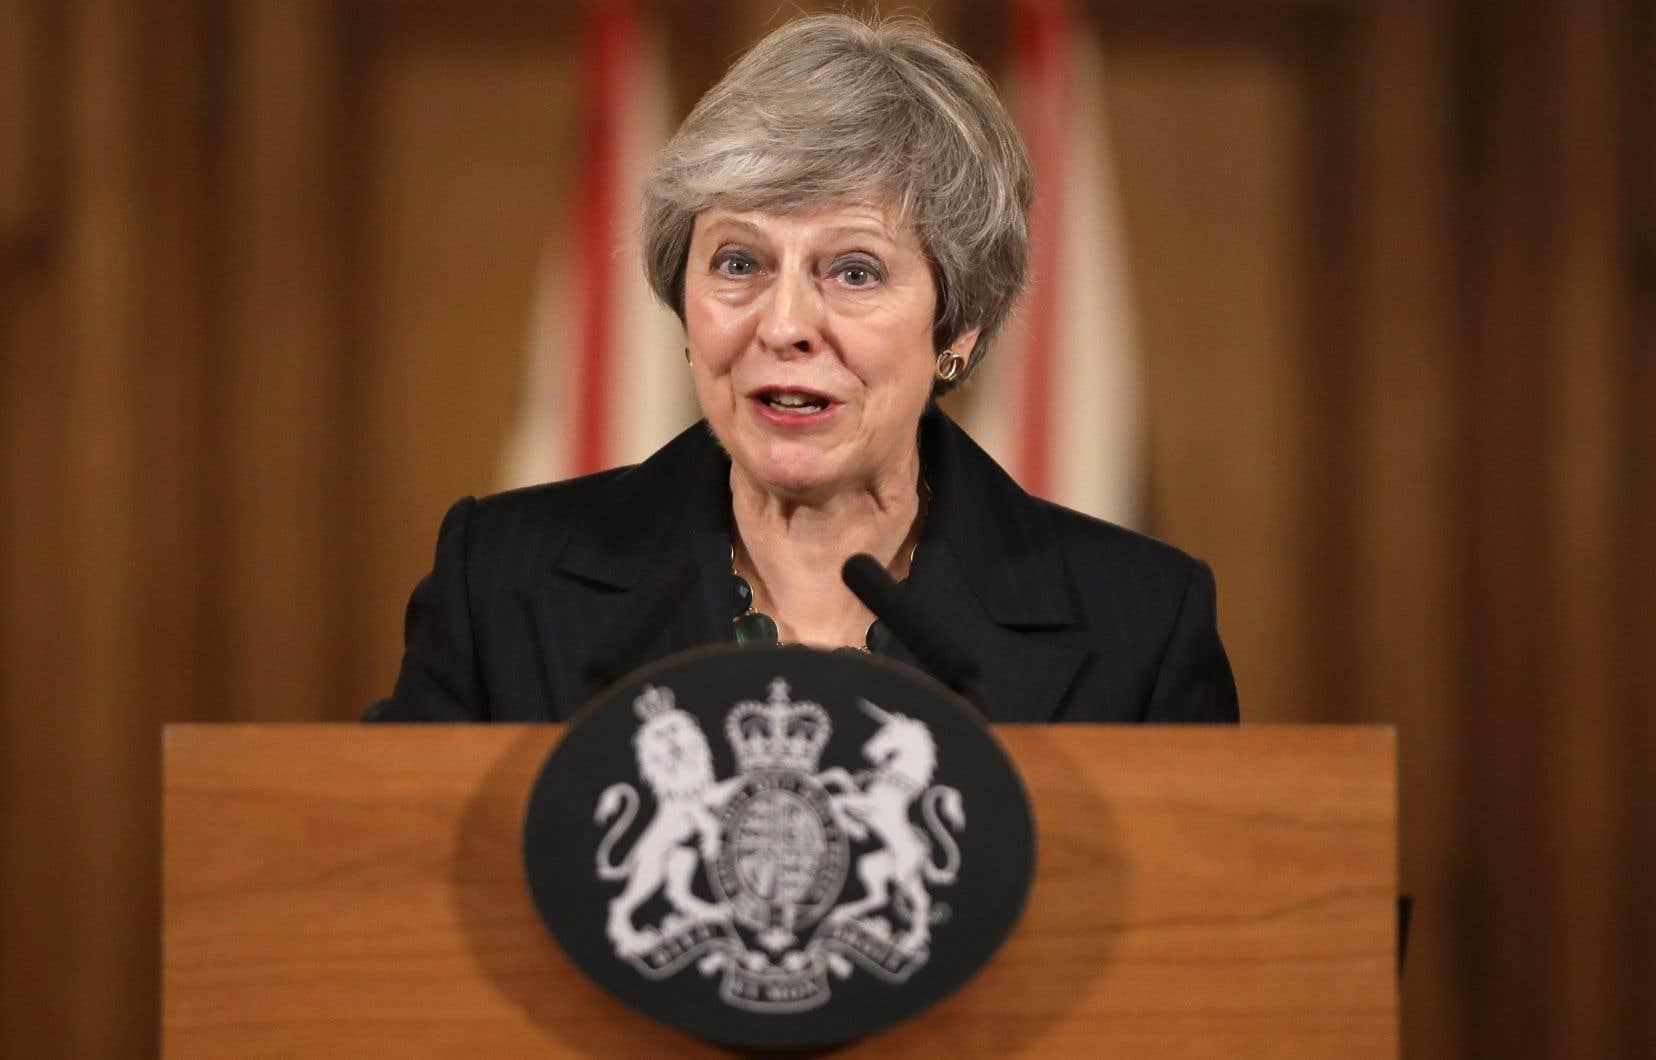 Après plus de seize mois de négociations avec l'Union européenne, la première ministre britannique, Theresa May, apparaît toujours loin du compte.